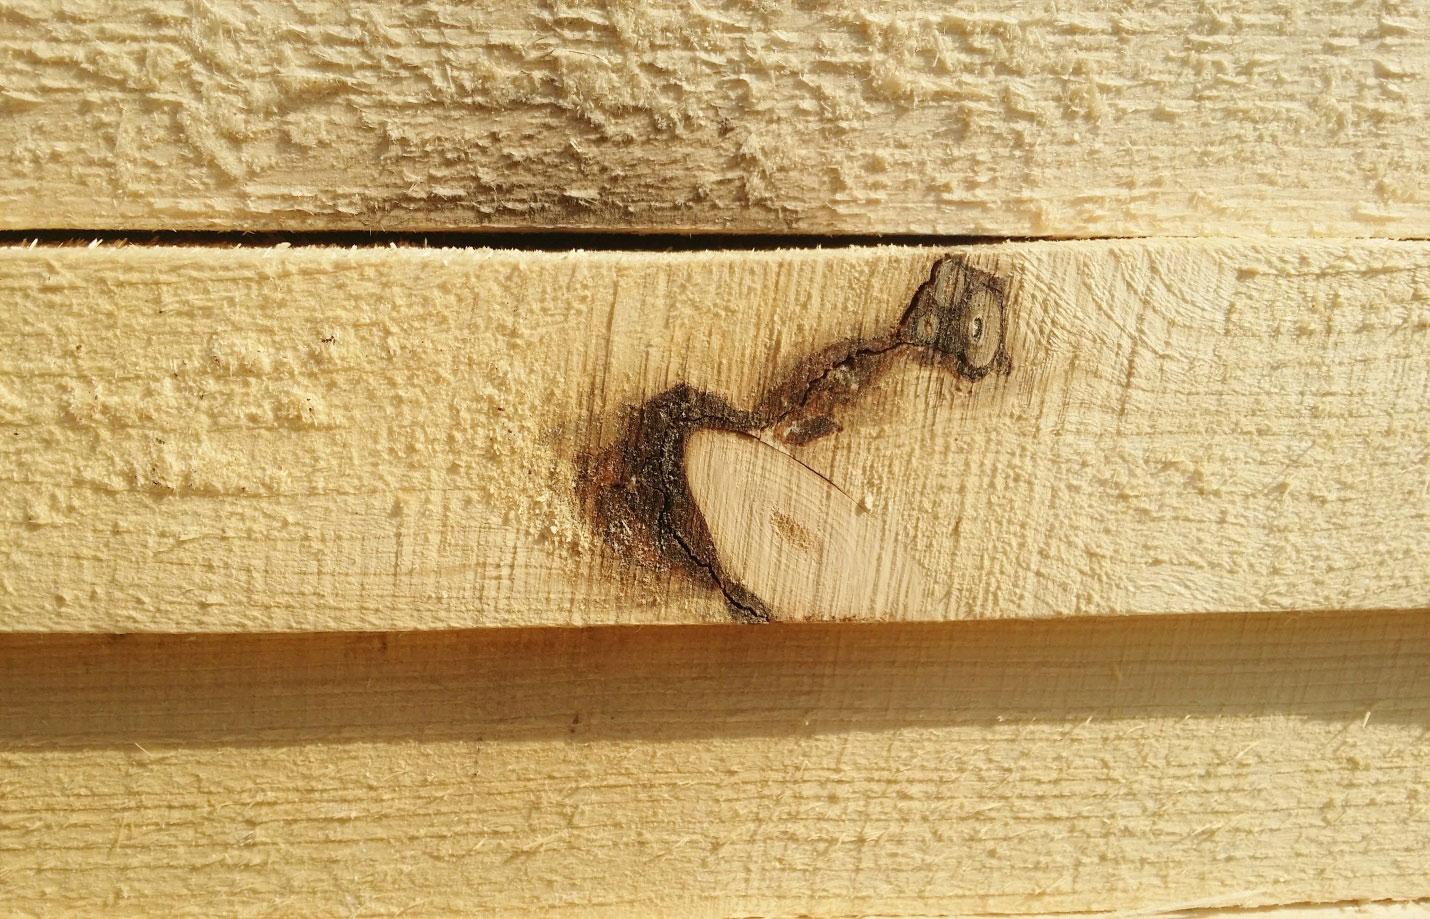 Сучки и трещины пиломатериалы